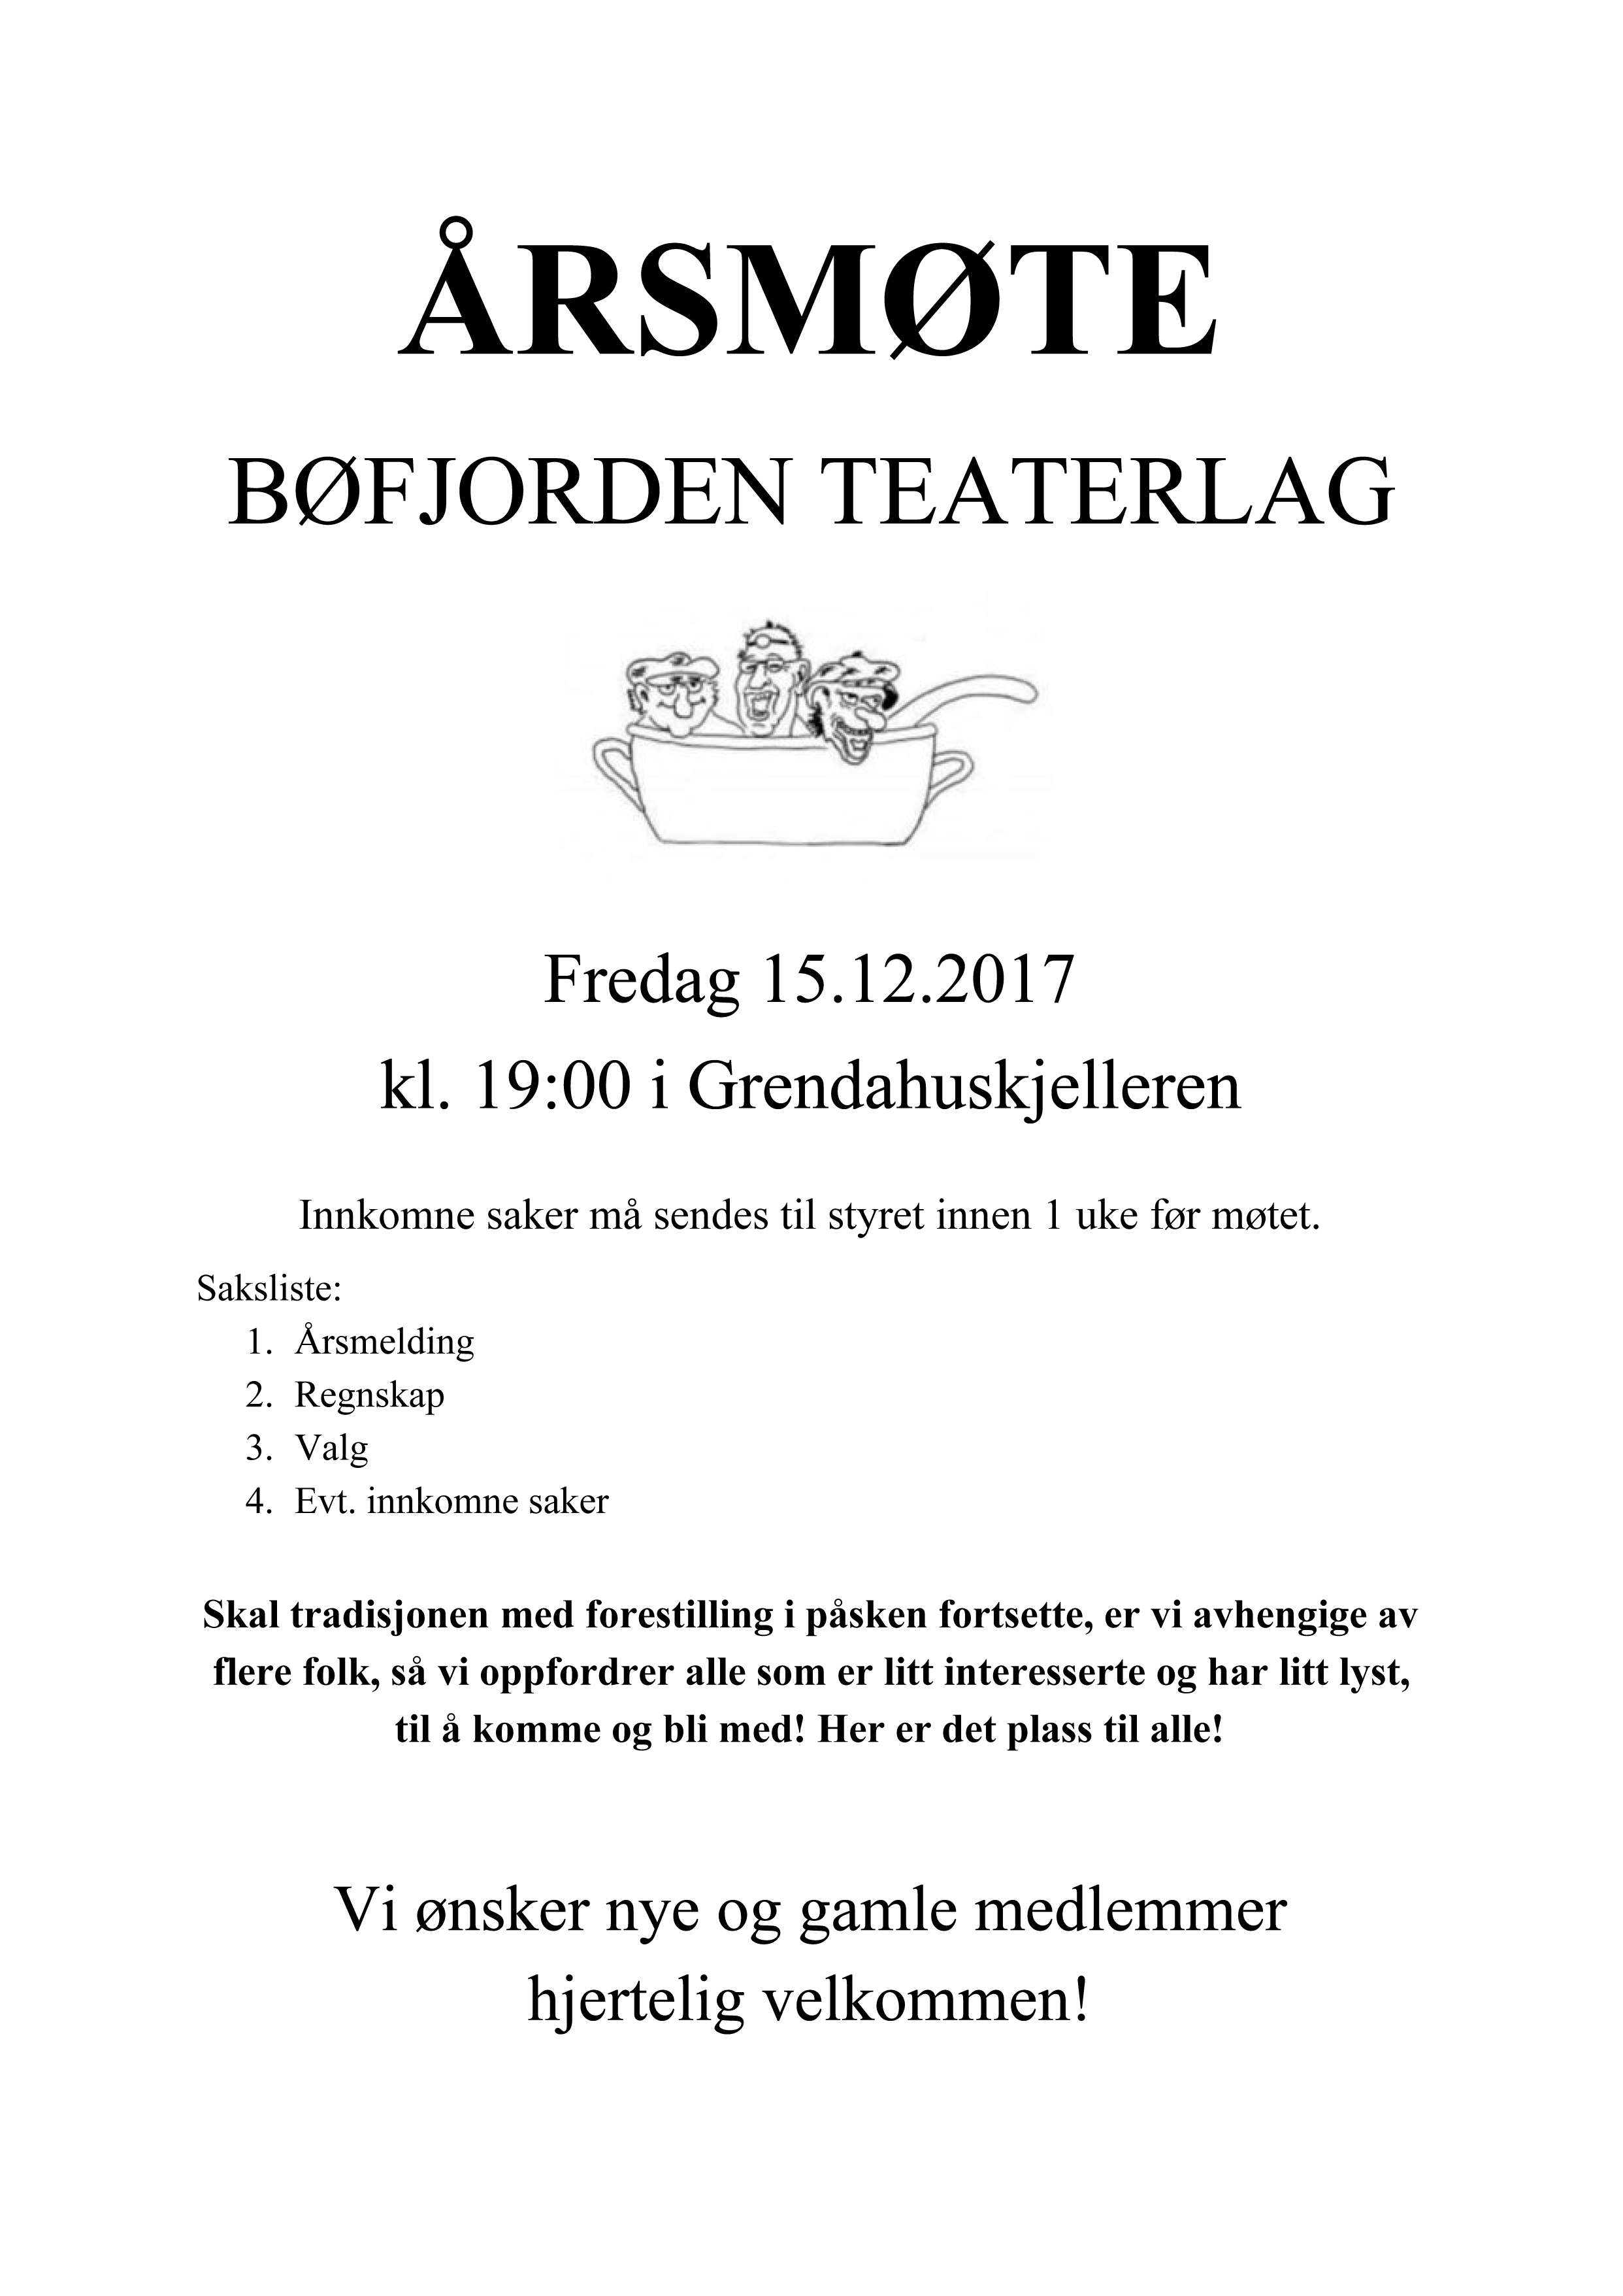 Årsmøte Teaterlaget - Plakat.jpg